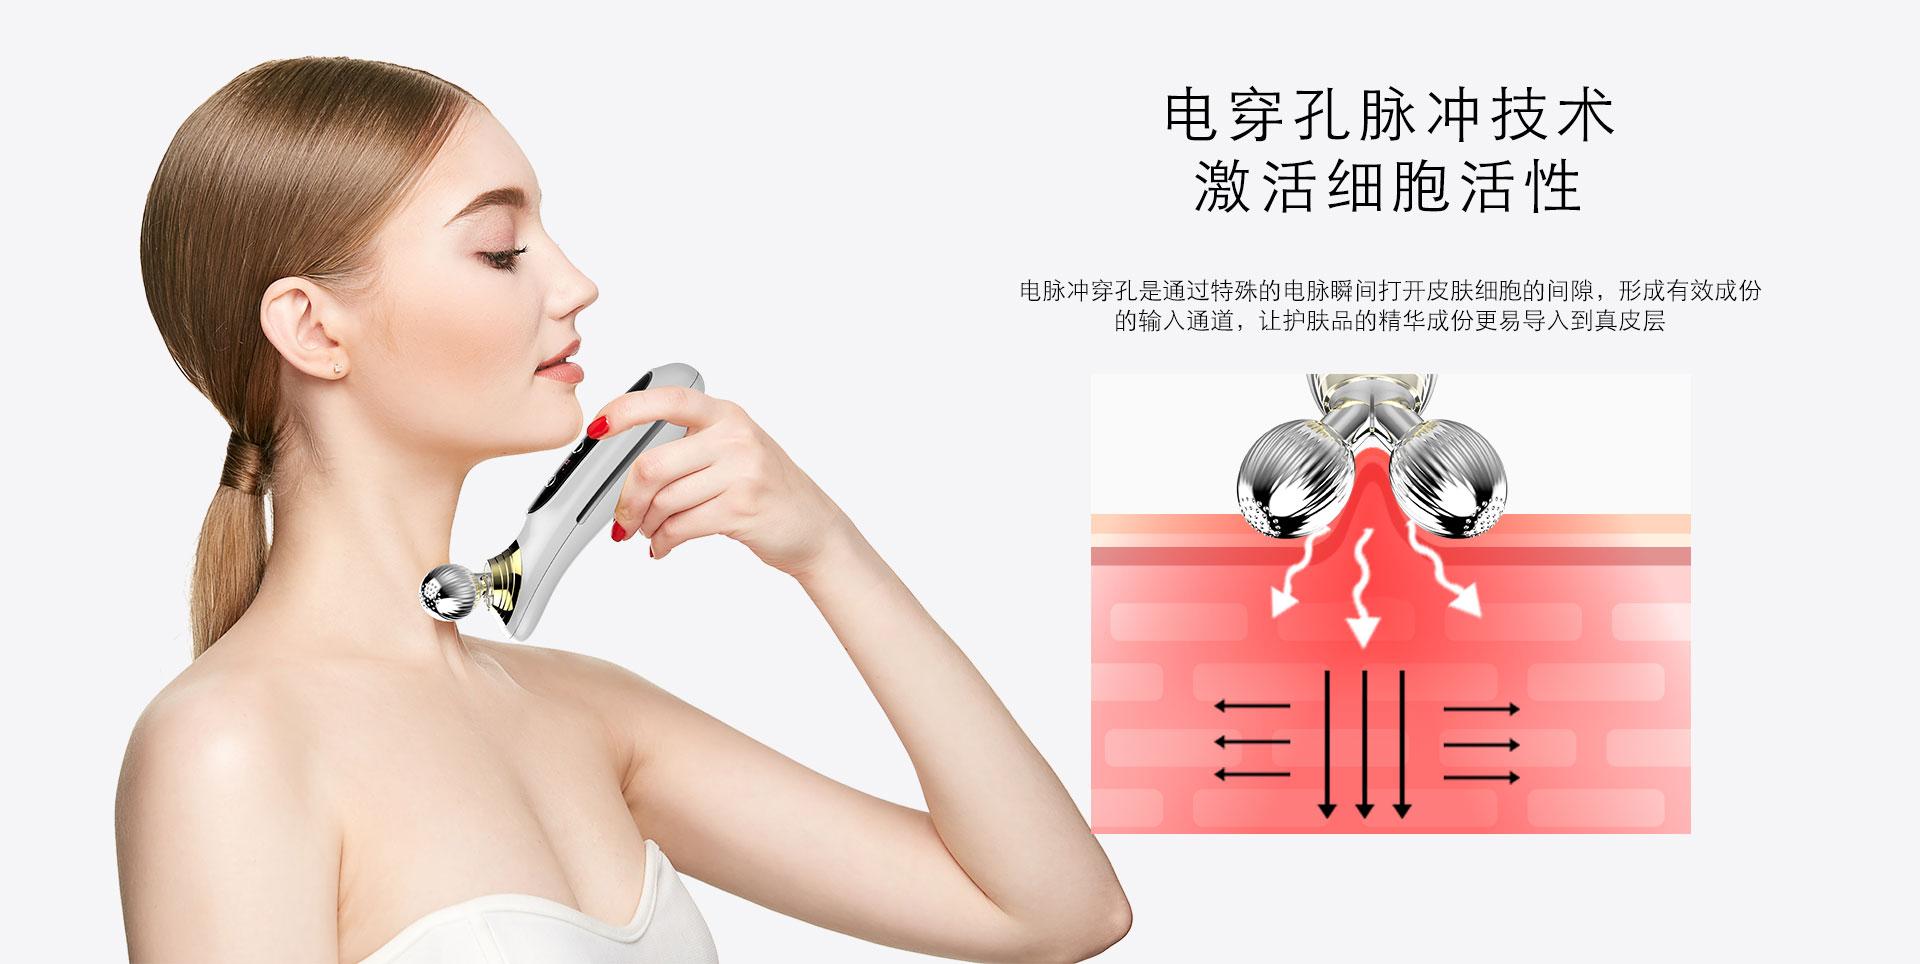 RF EMS双滚轮美容仪 360度电脉冲 身体脸部适用 KKS-147